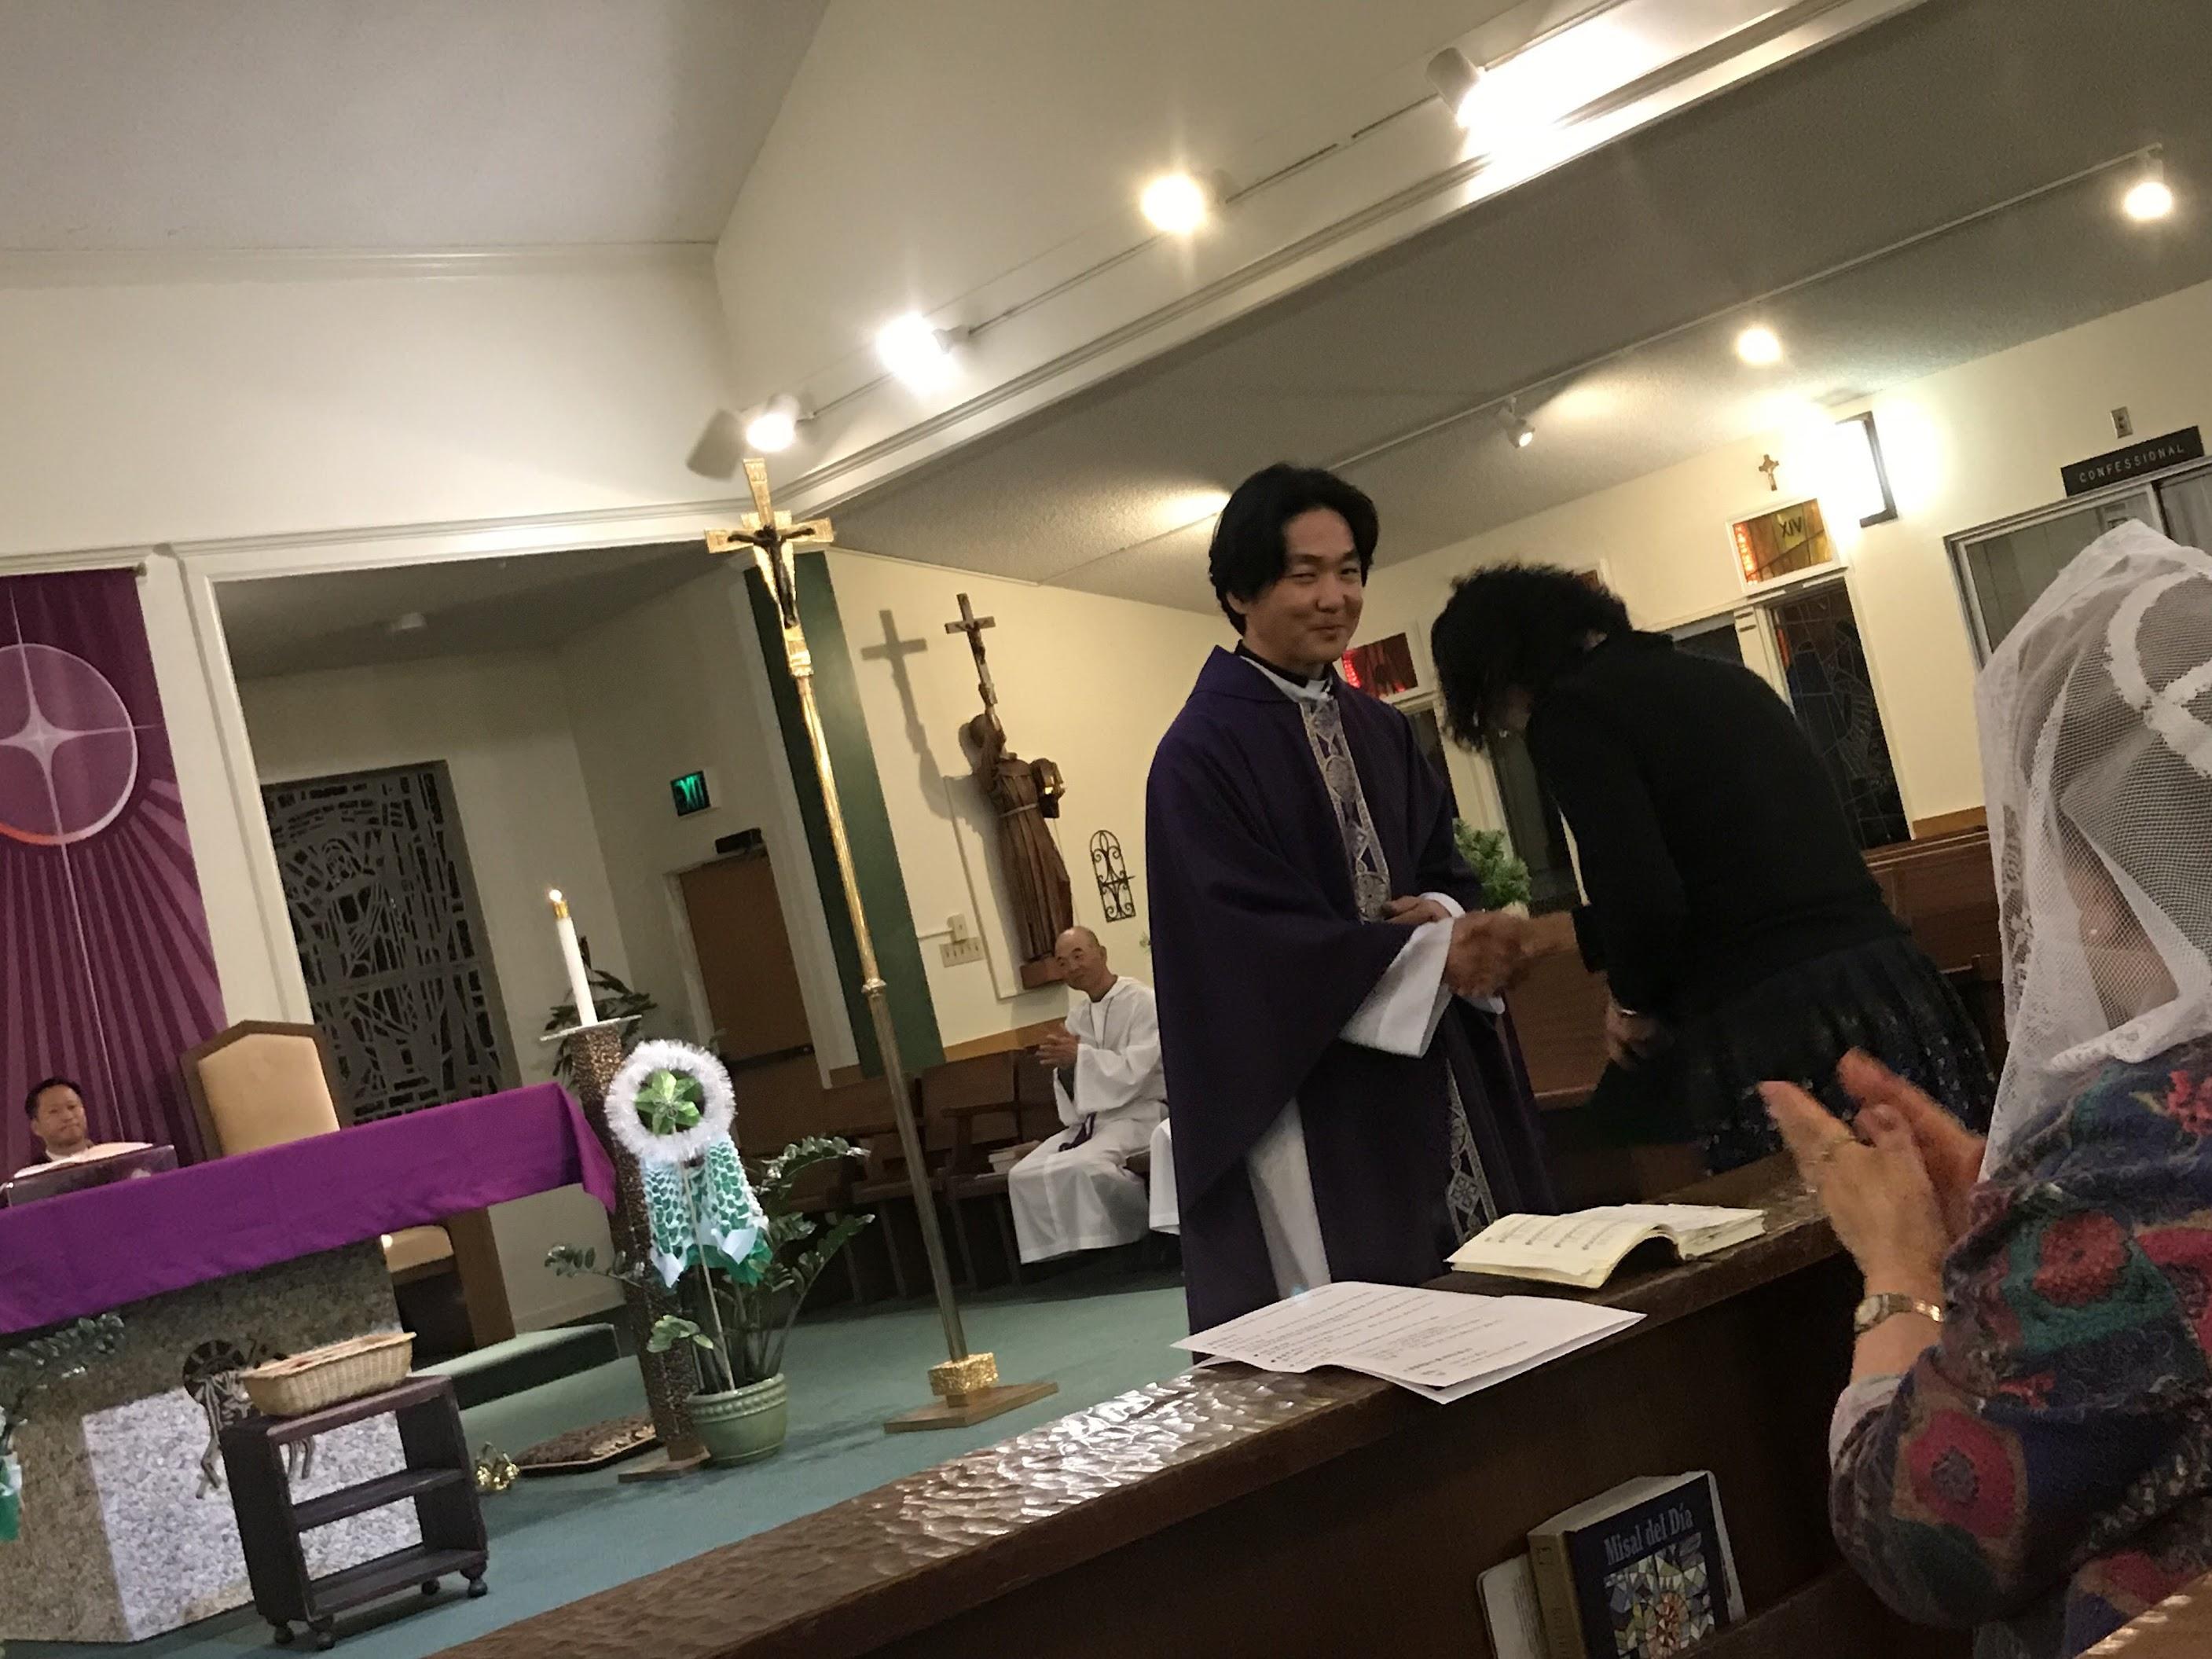 북가주 몬트레이 천주교 한인 공동체 - 성령기도회 발족 (2017.12.16)